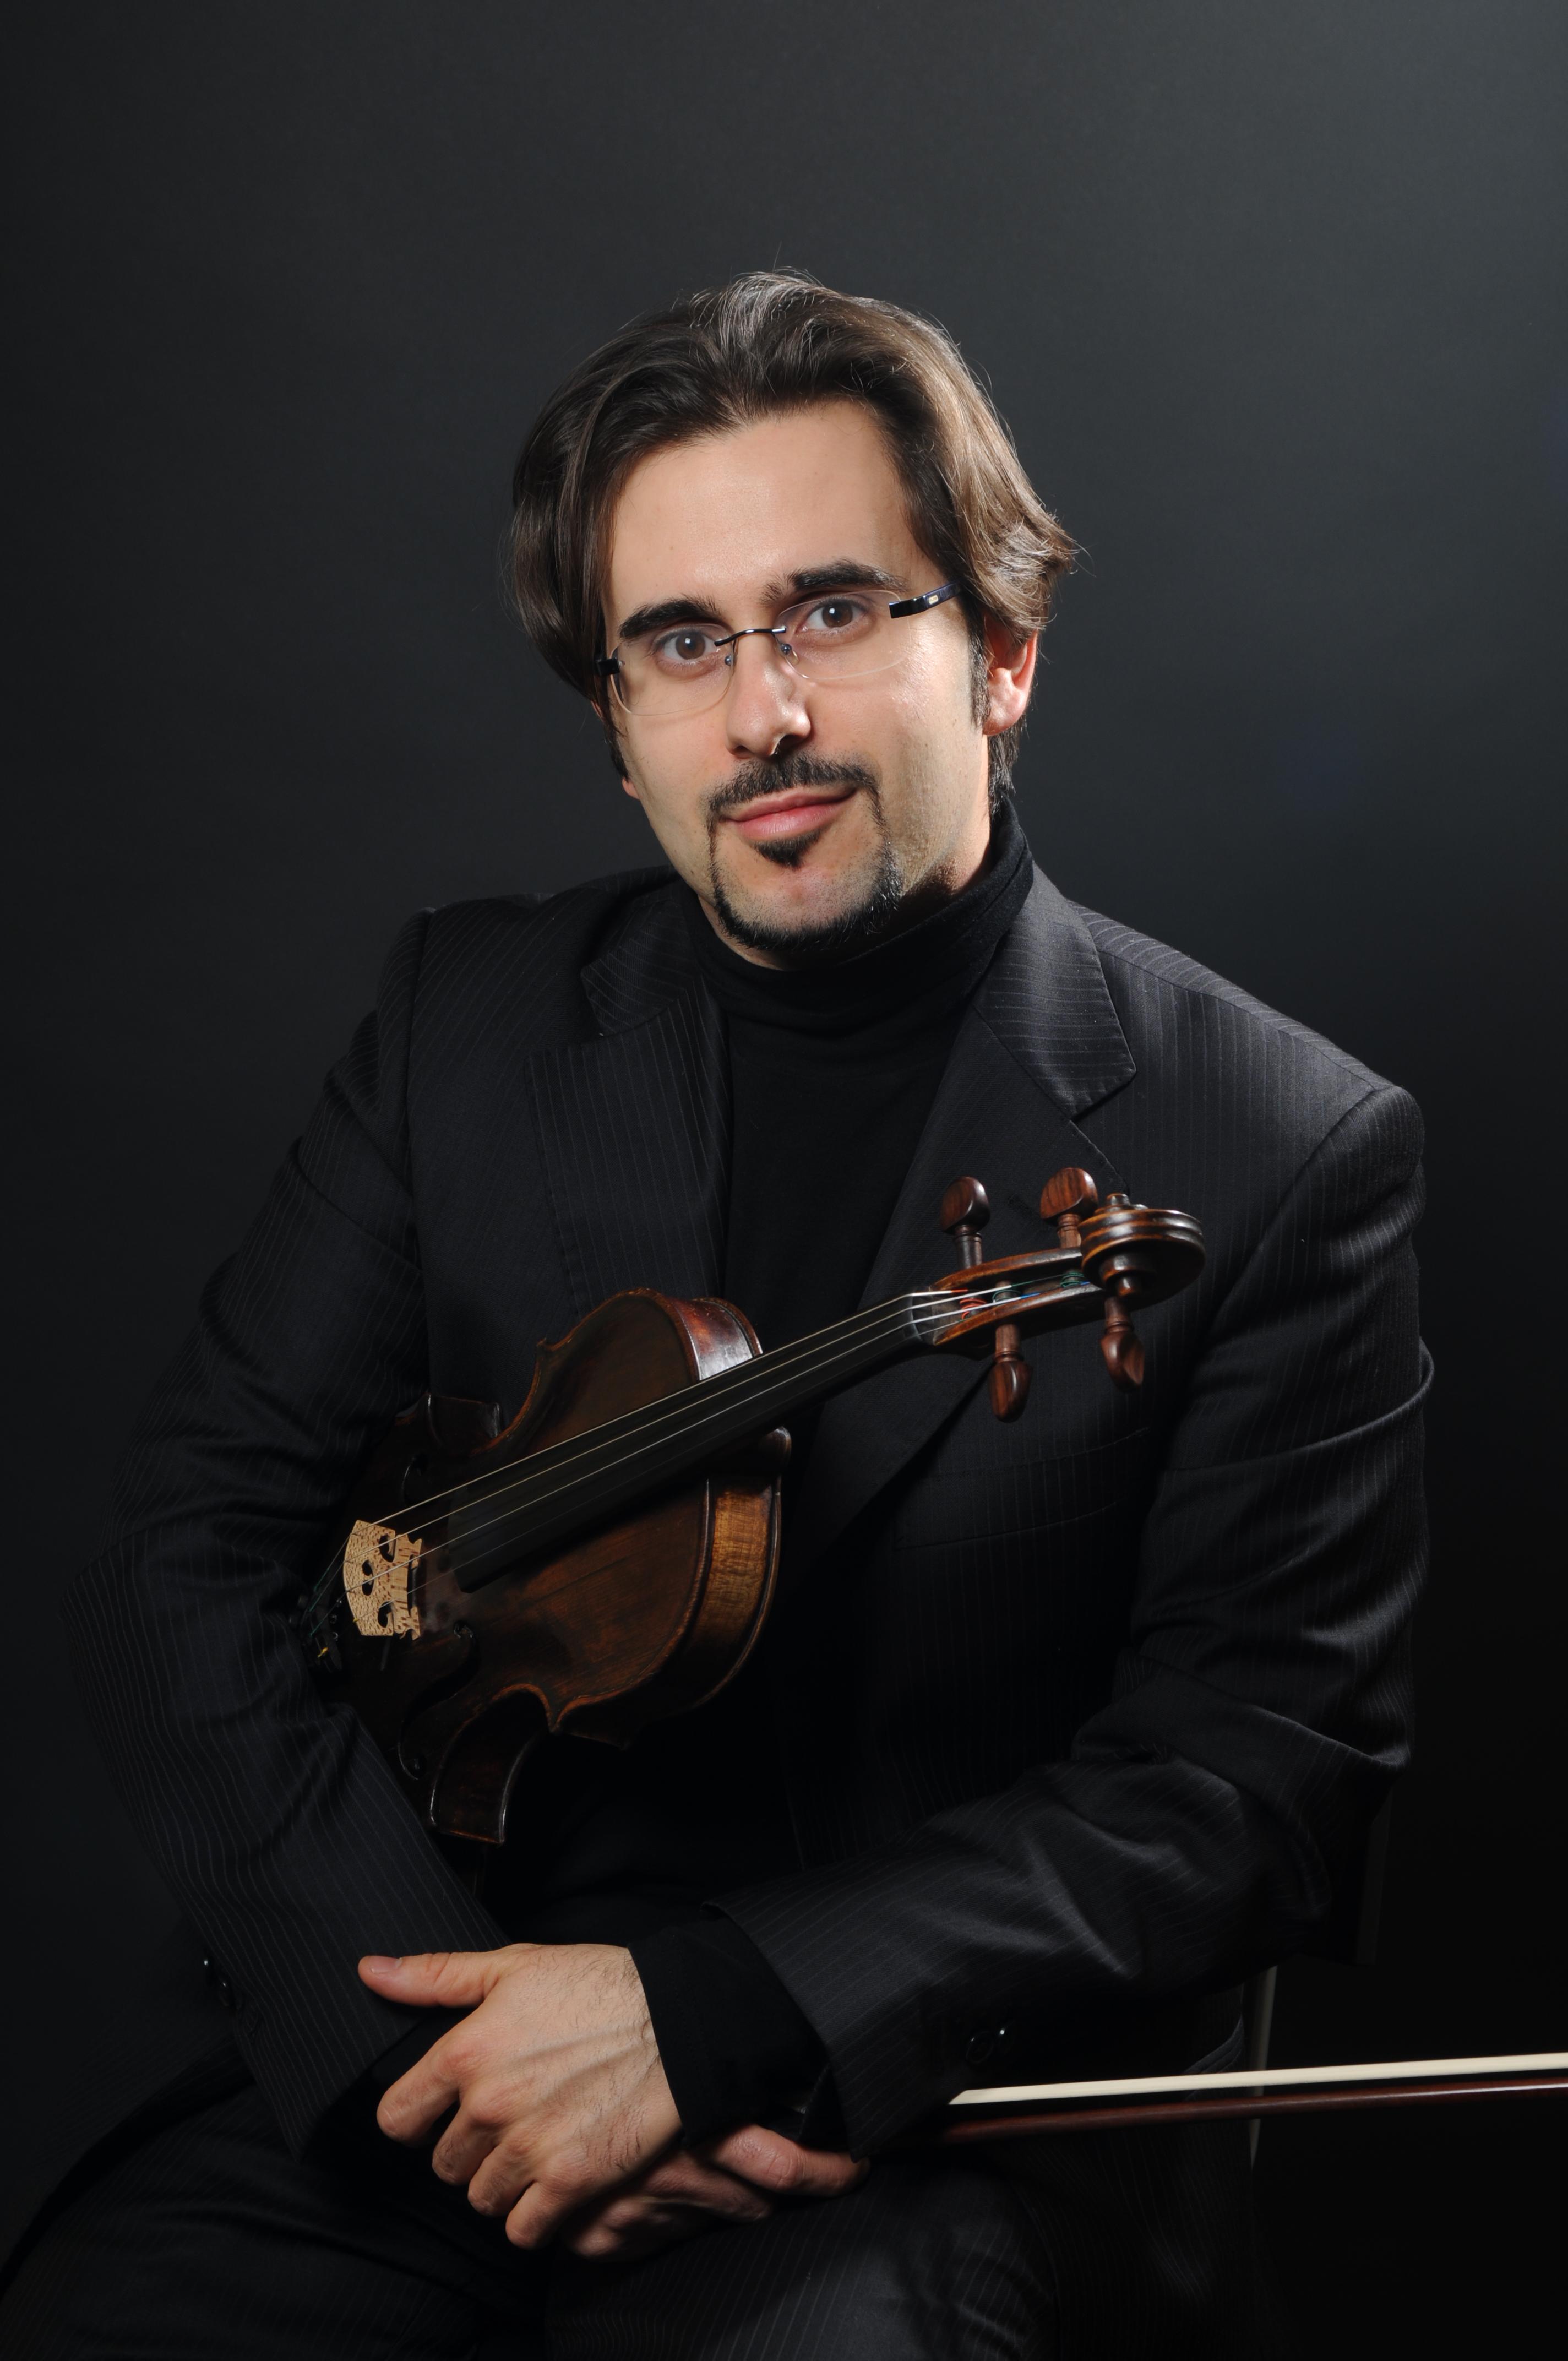 Marcello De Francesco